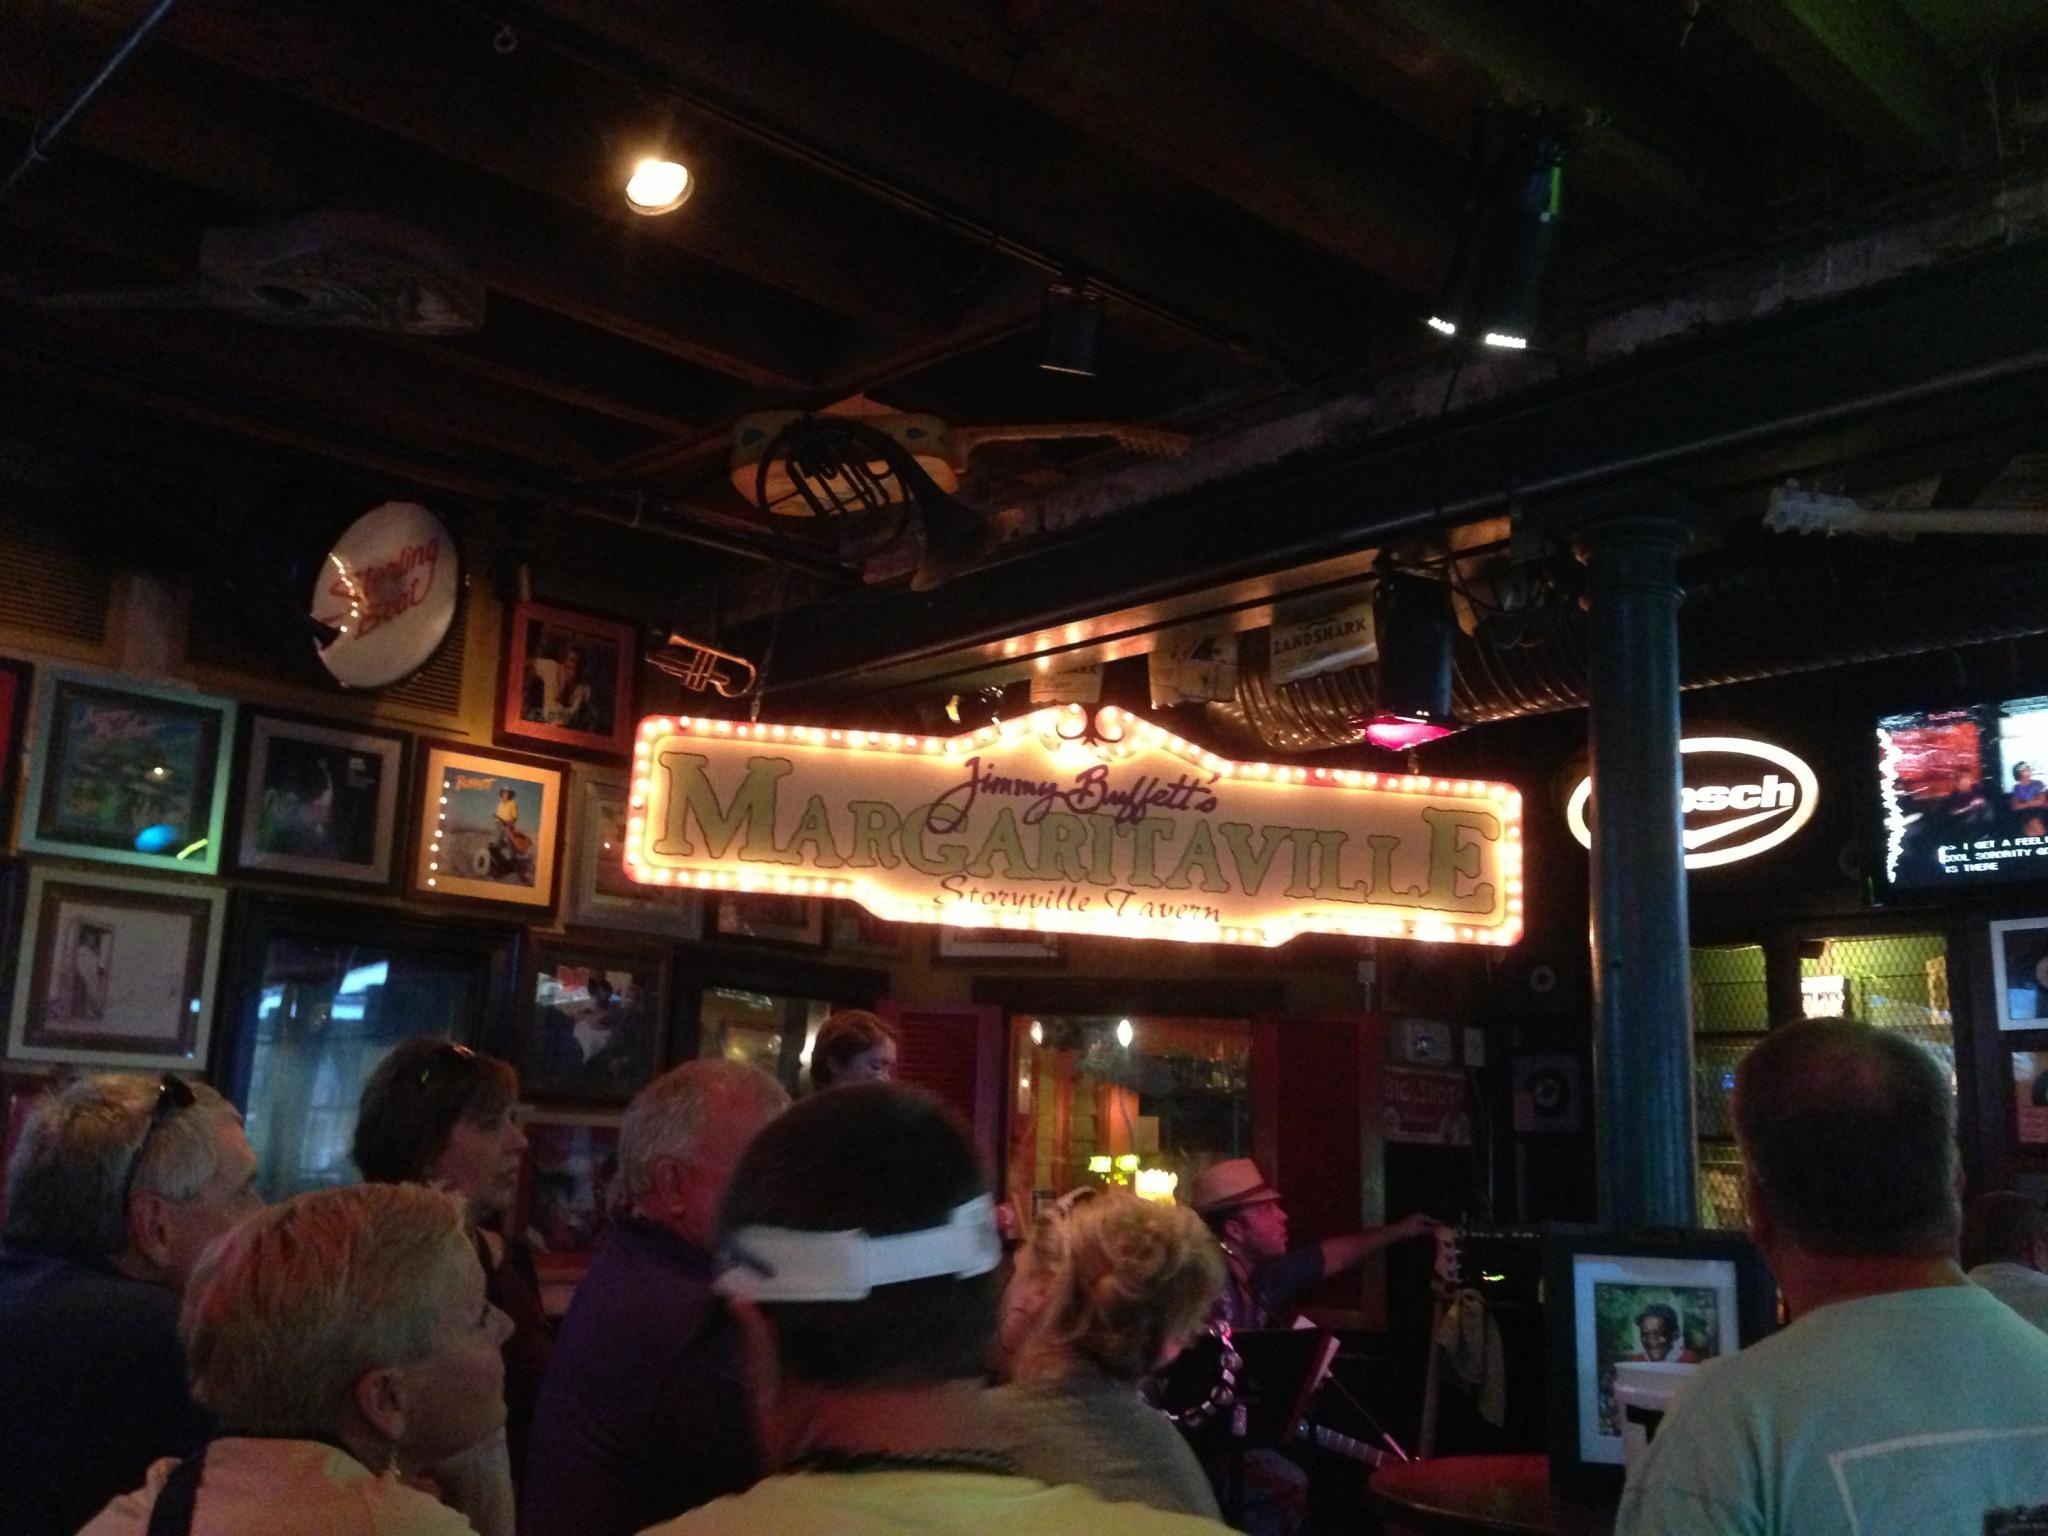 Sendi - Margaritaville, New Orleans